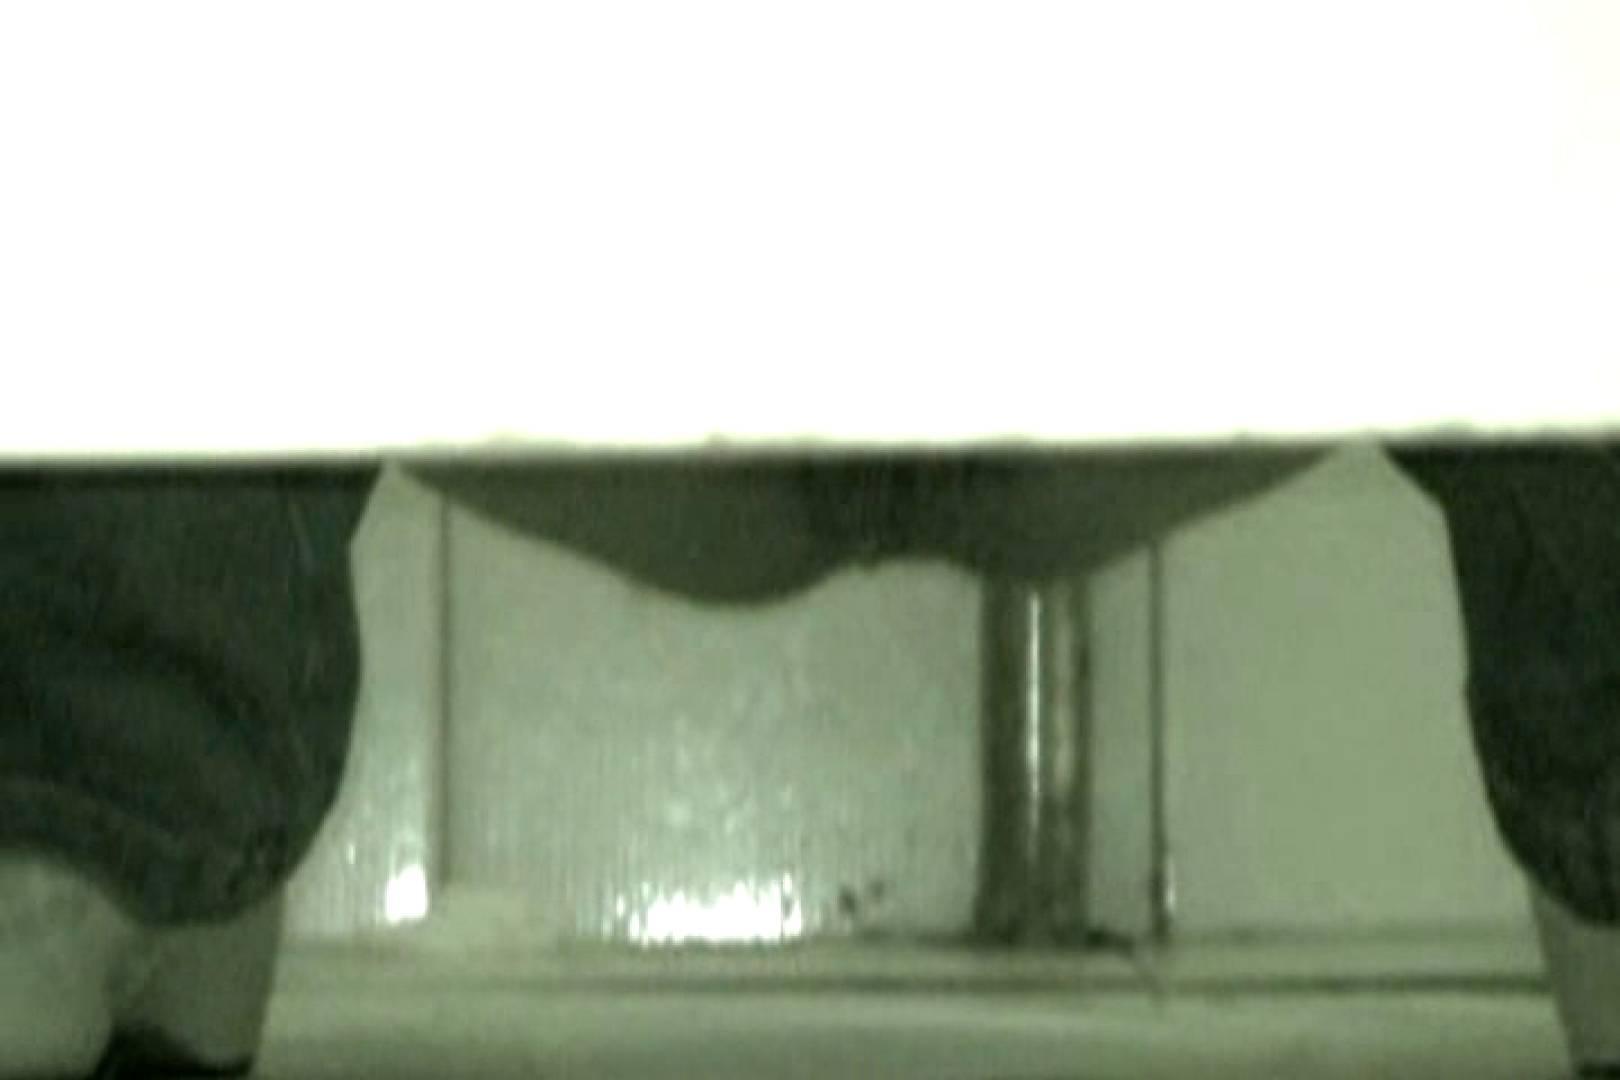 ぼっとん洗面所スペシャルVol.5 OLエロ画像  88PICs 36